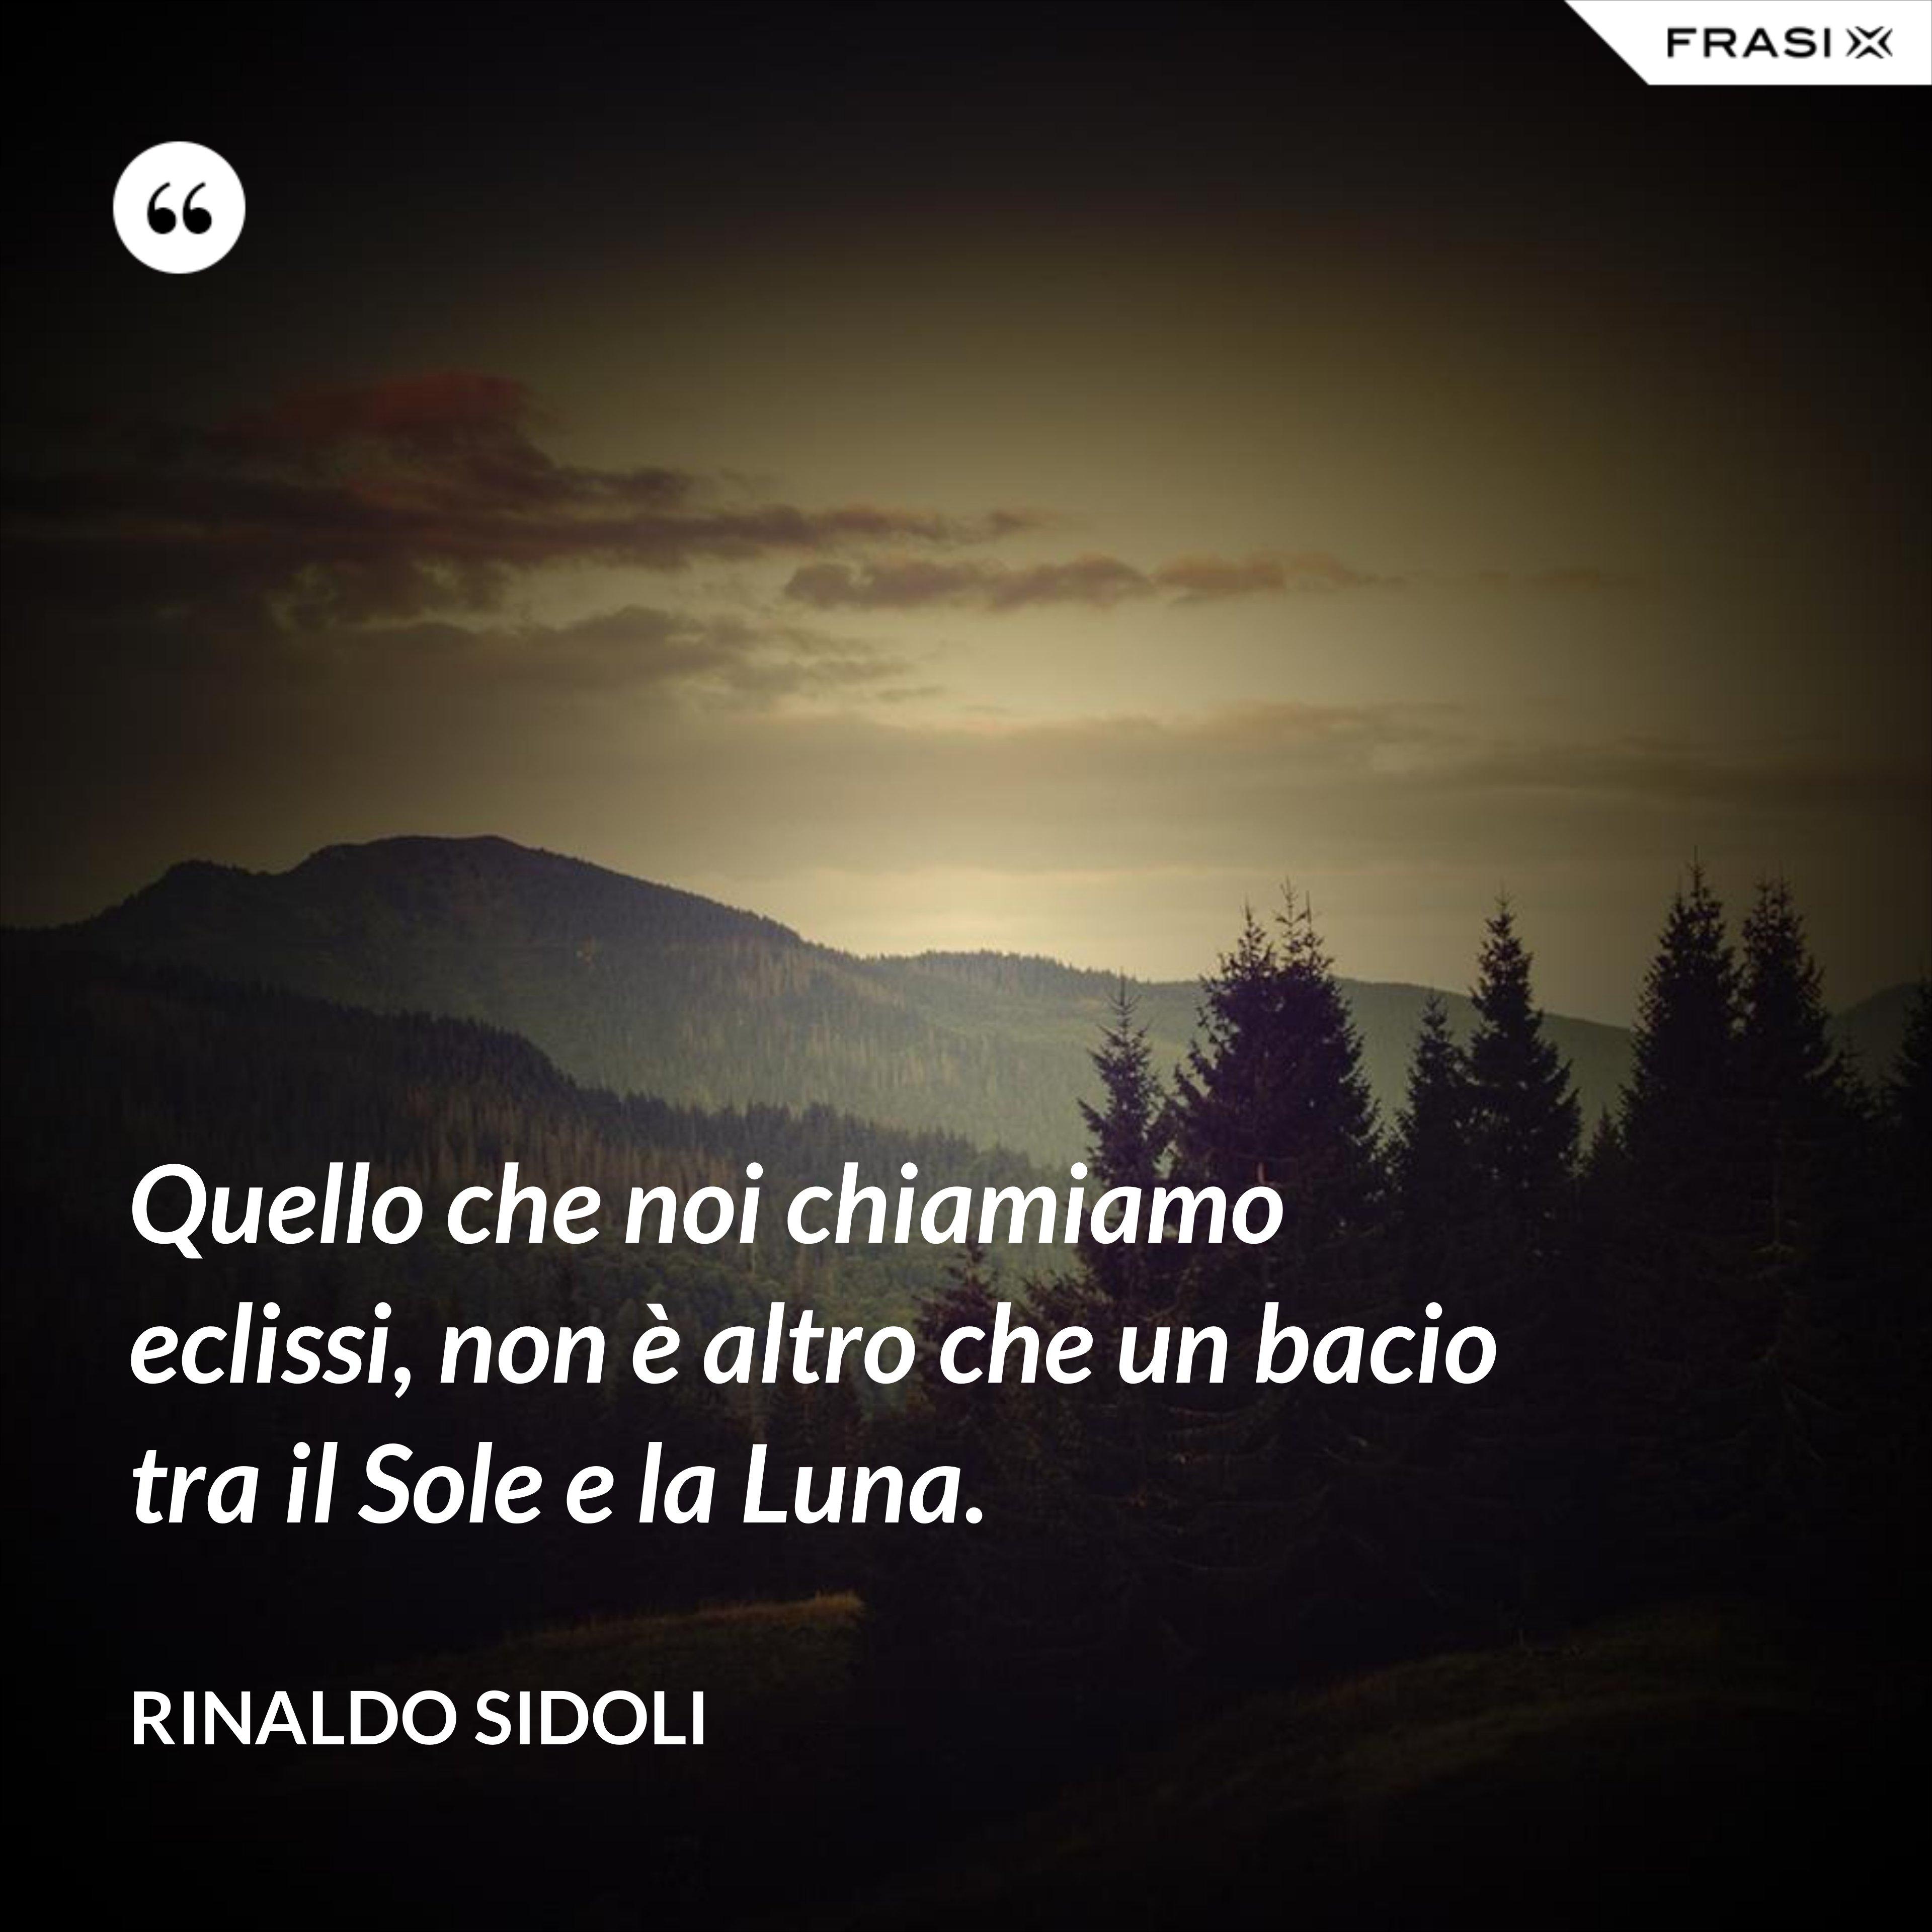 Quello che noi chiamiamo eclissi, non è altro che un bacio tra il Sole e la Luna. - Rinaldo Sidoli